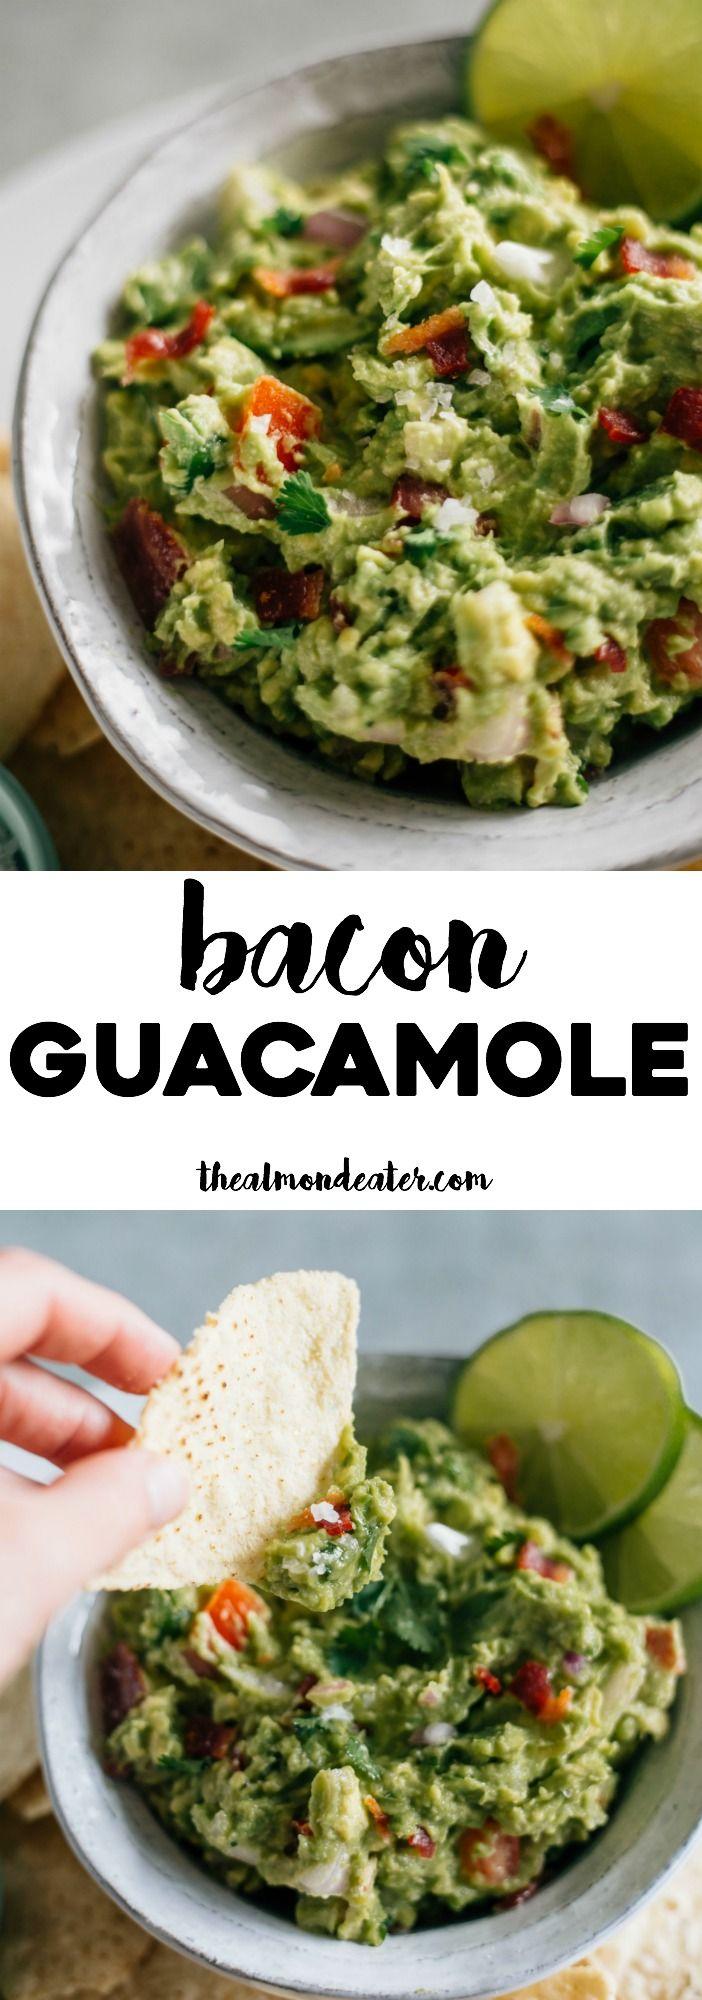 Bacon Guacamole | Next time you make guacamole, add bacon to it. SO good! | thealmondeater.com